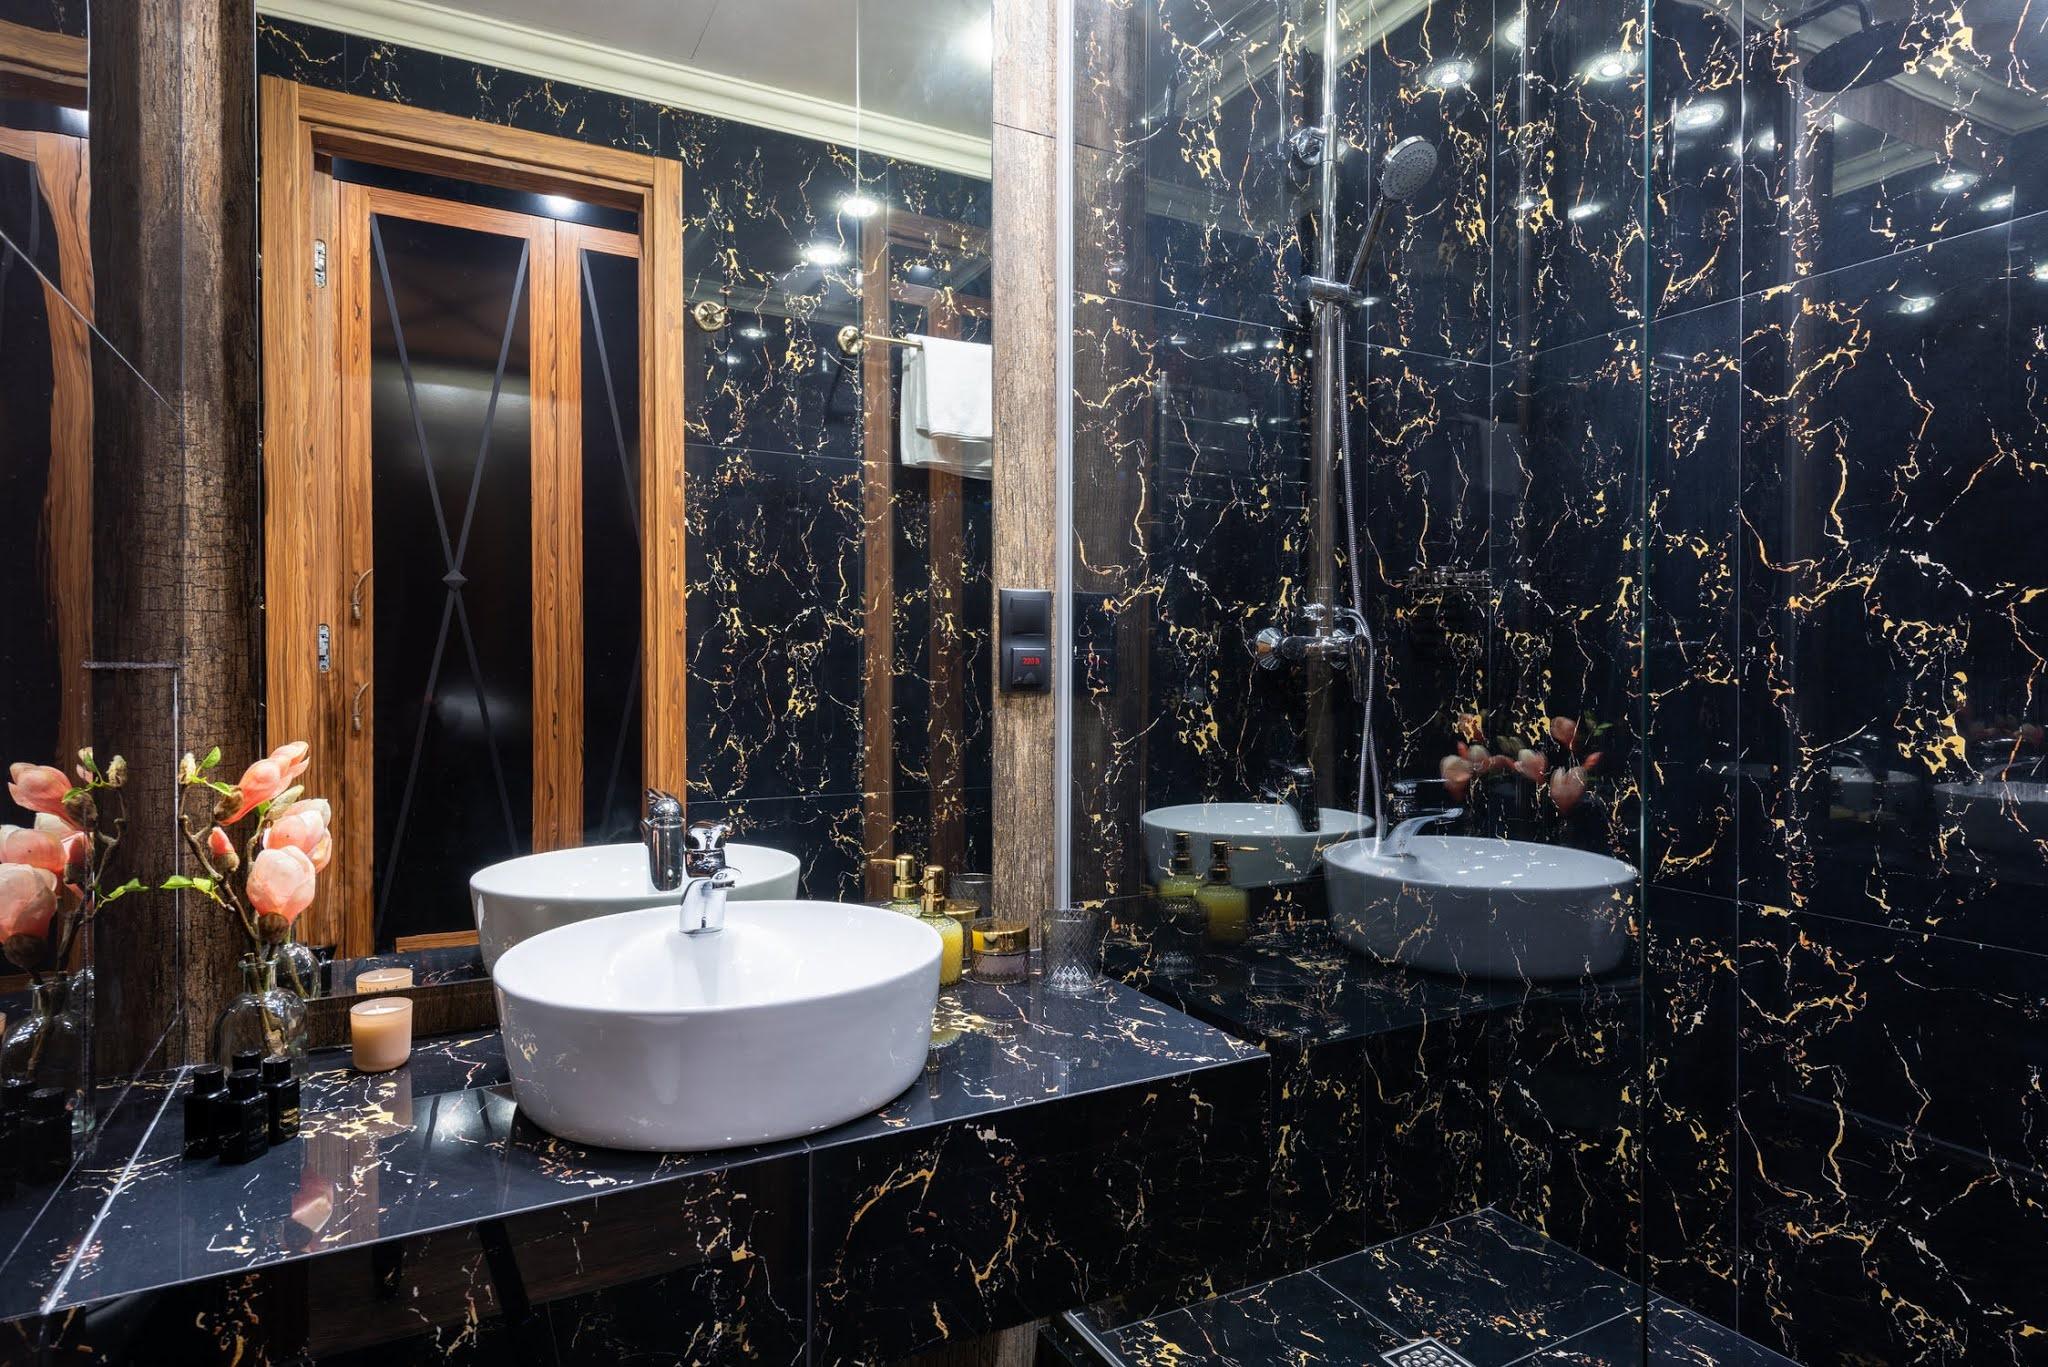 Nowoczesna łazienka - jak powinna wyglądać?